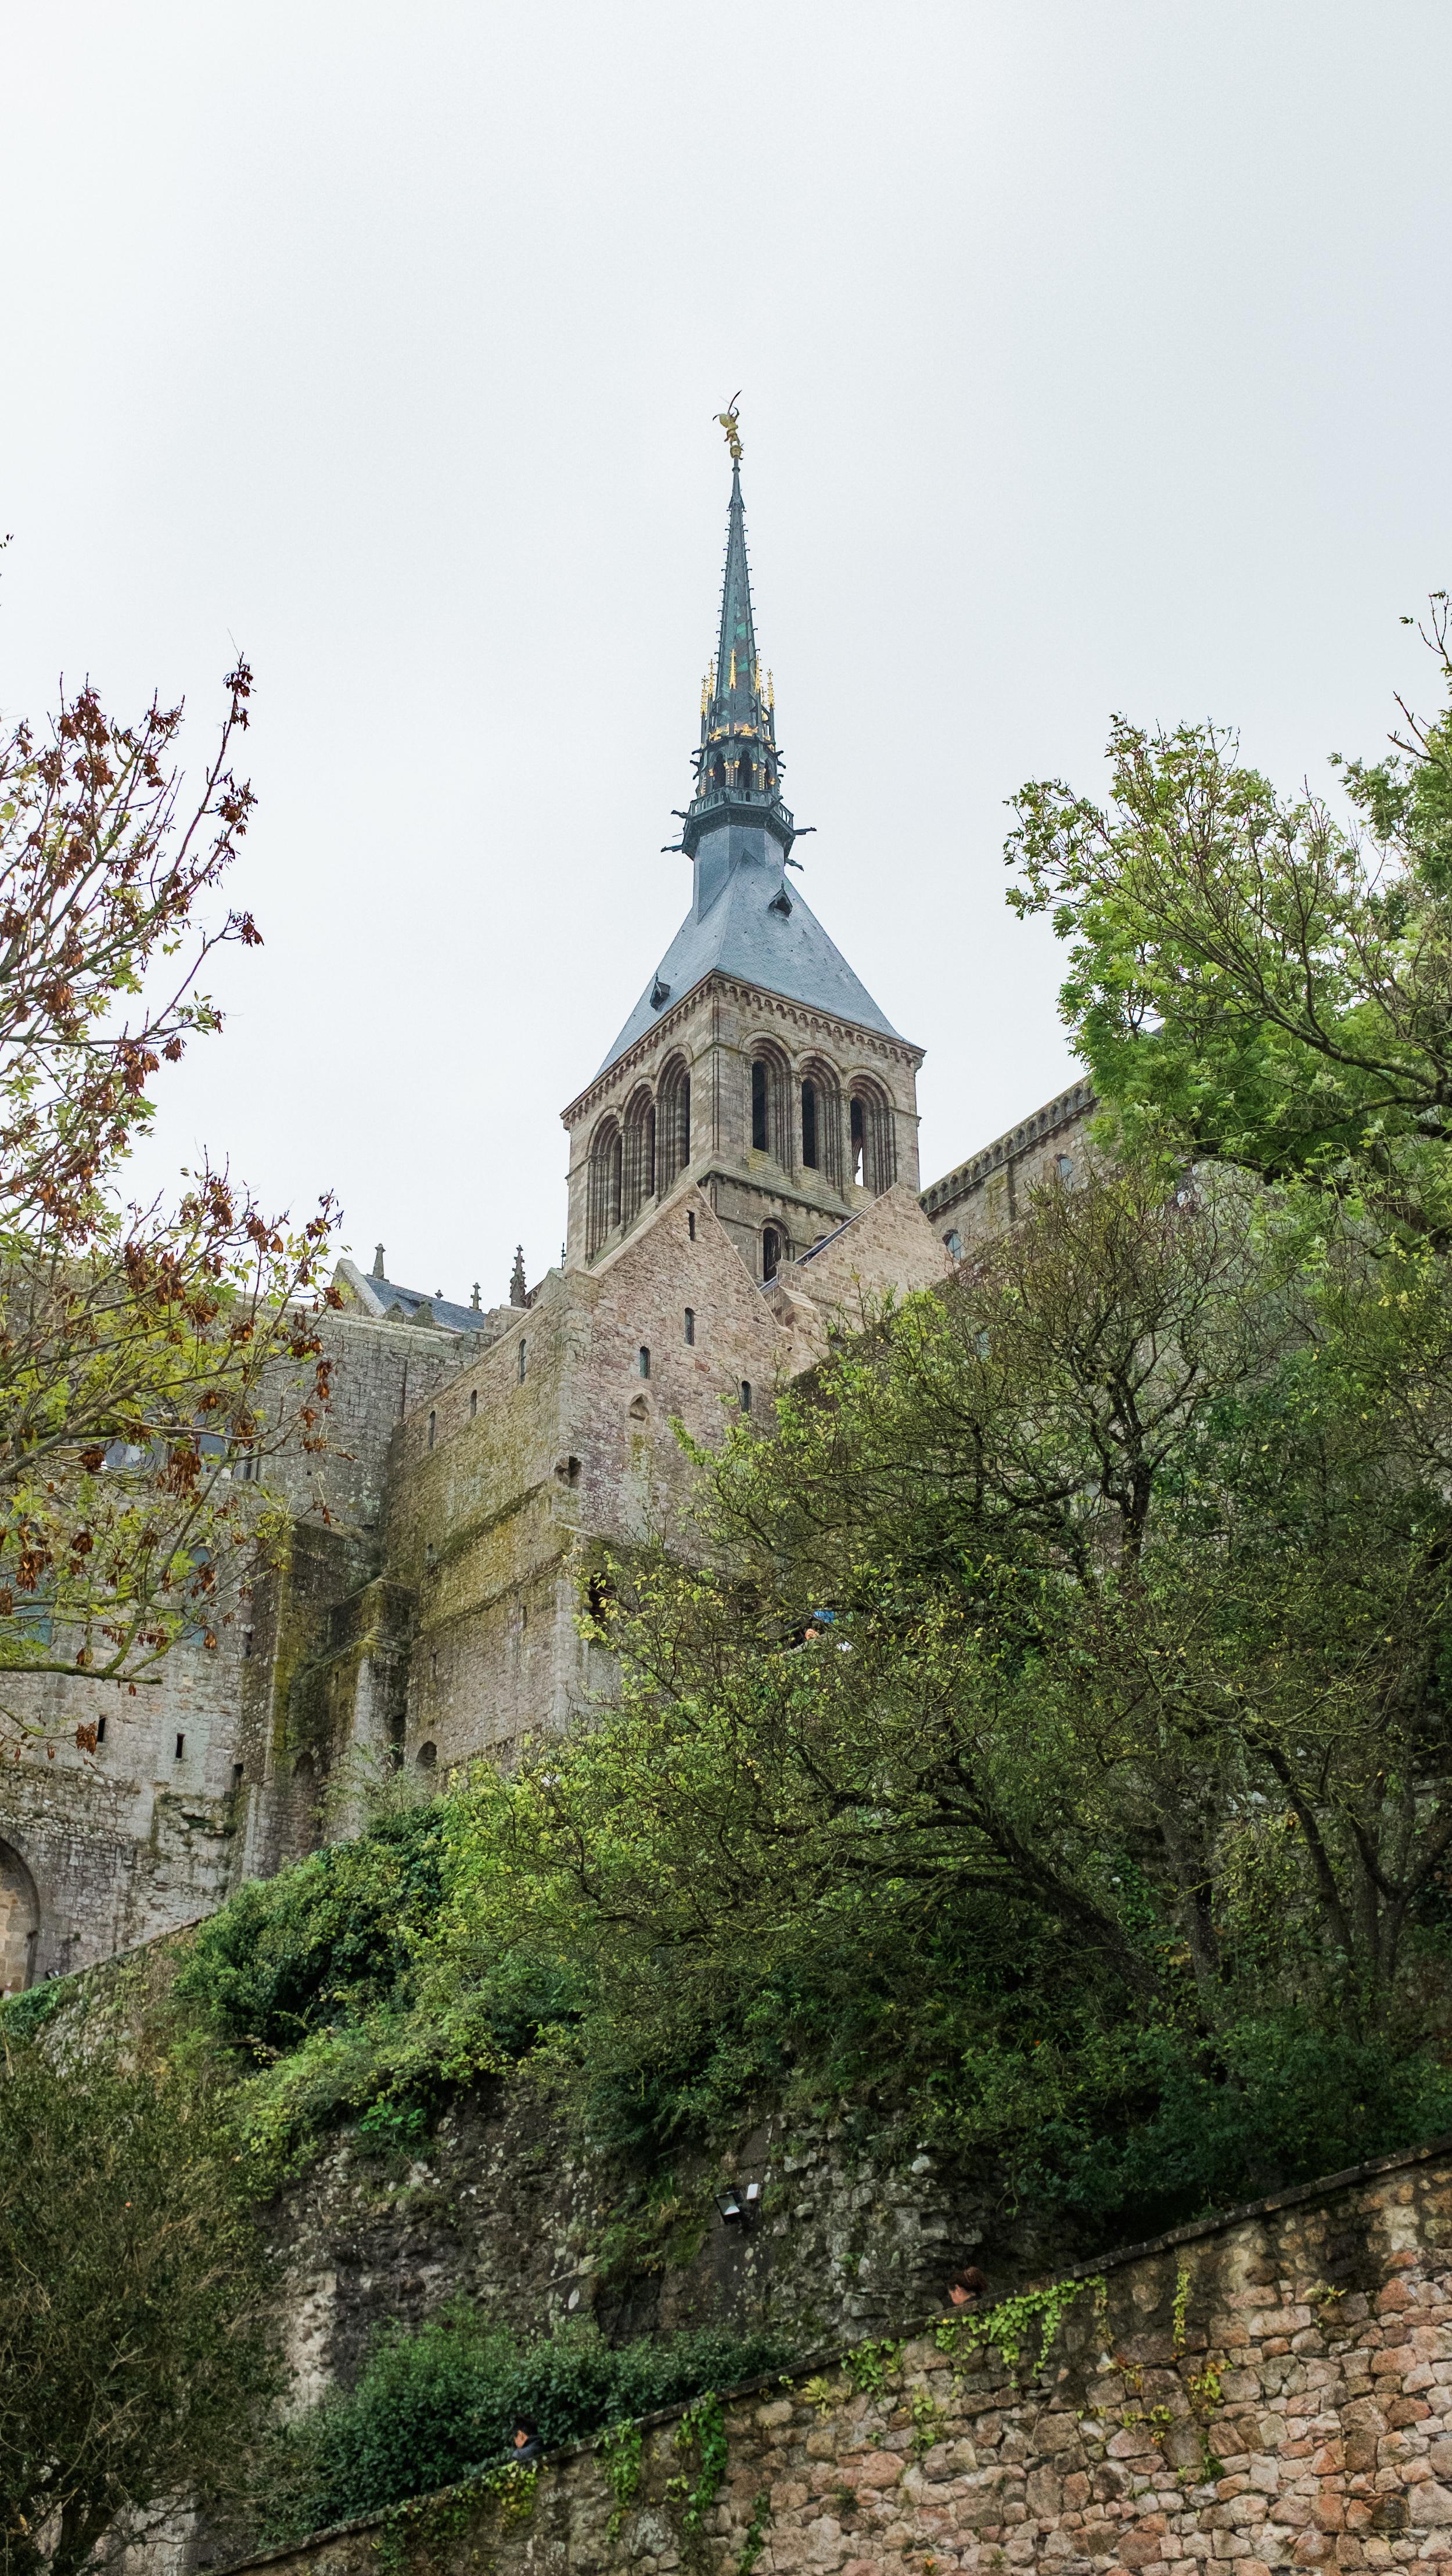 london-britian-cambridge-stmalo-mont-saint-michel-france-normandy-paris-060.jpg